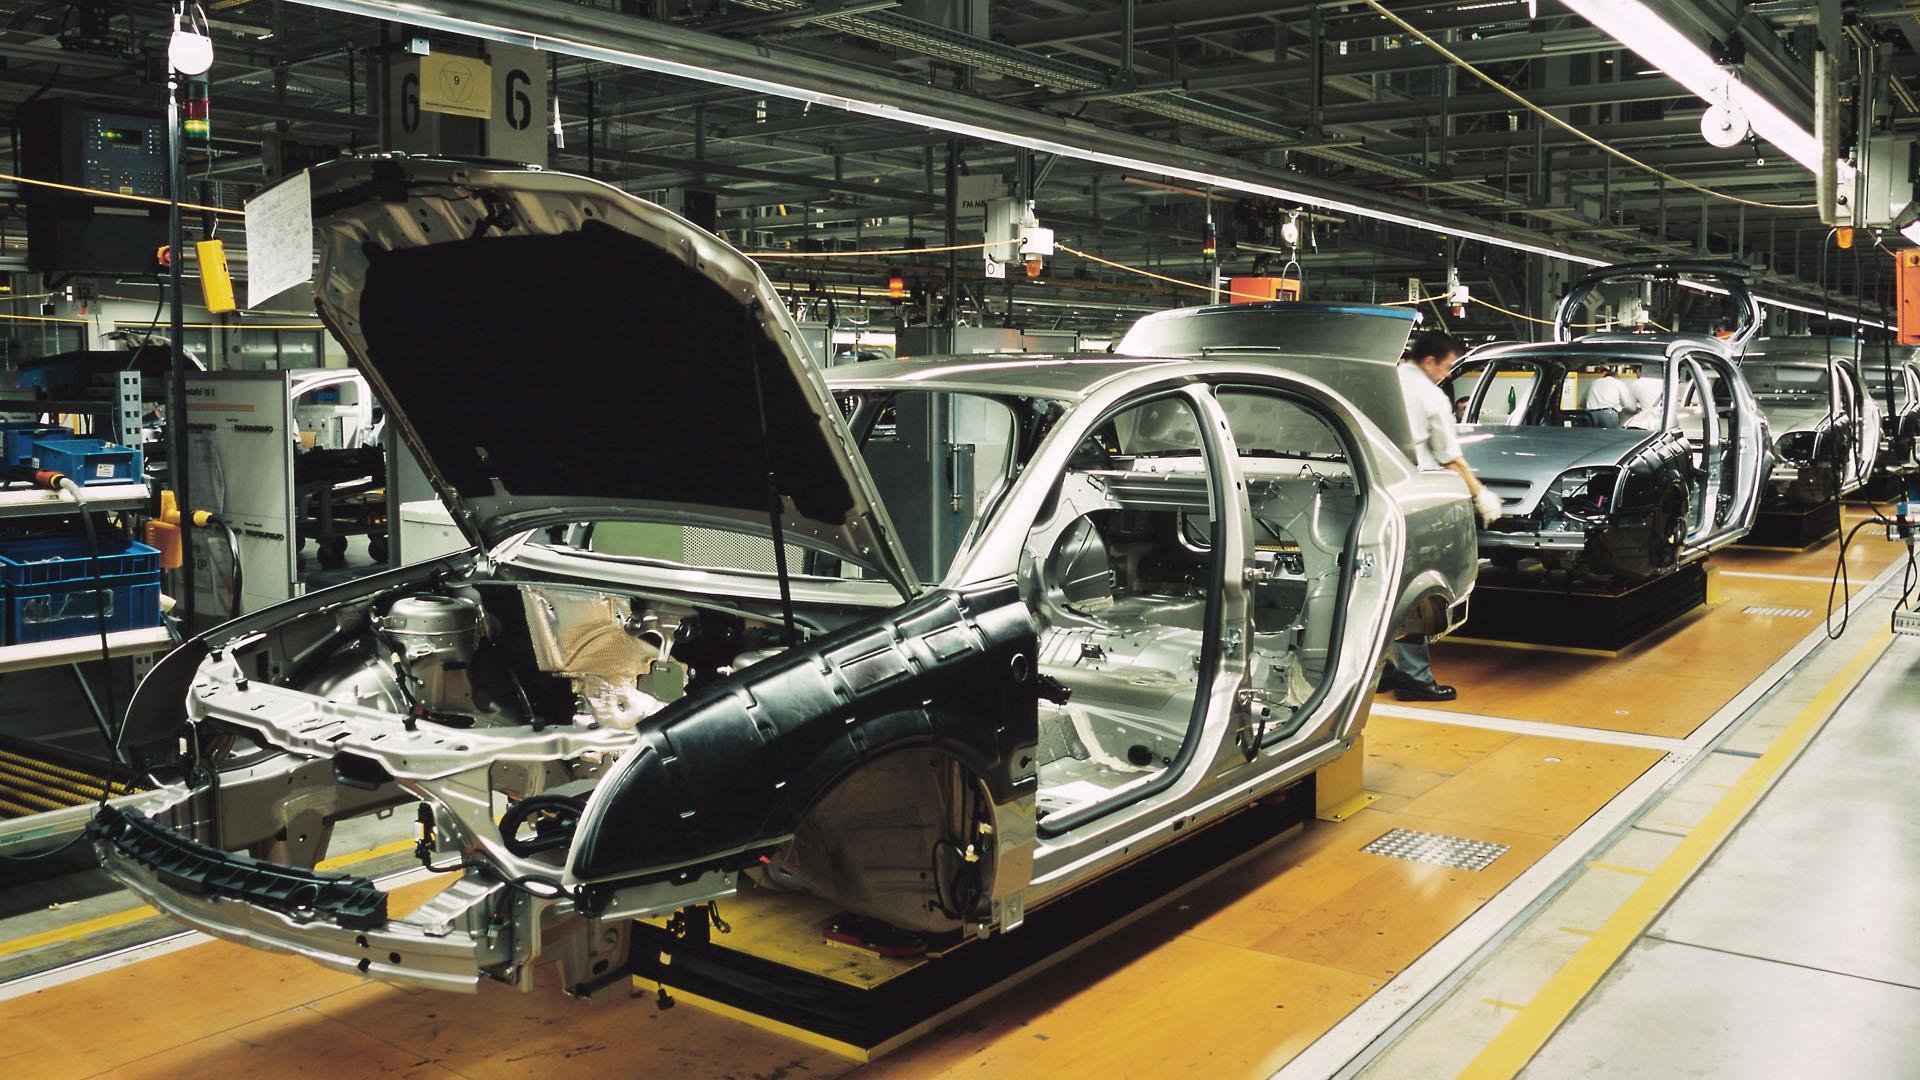 Vêm aí os carros autônomos da Jaguar?